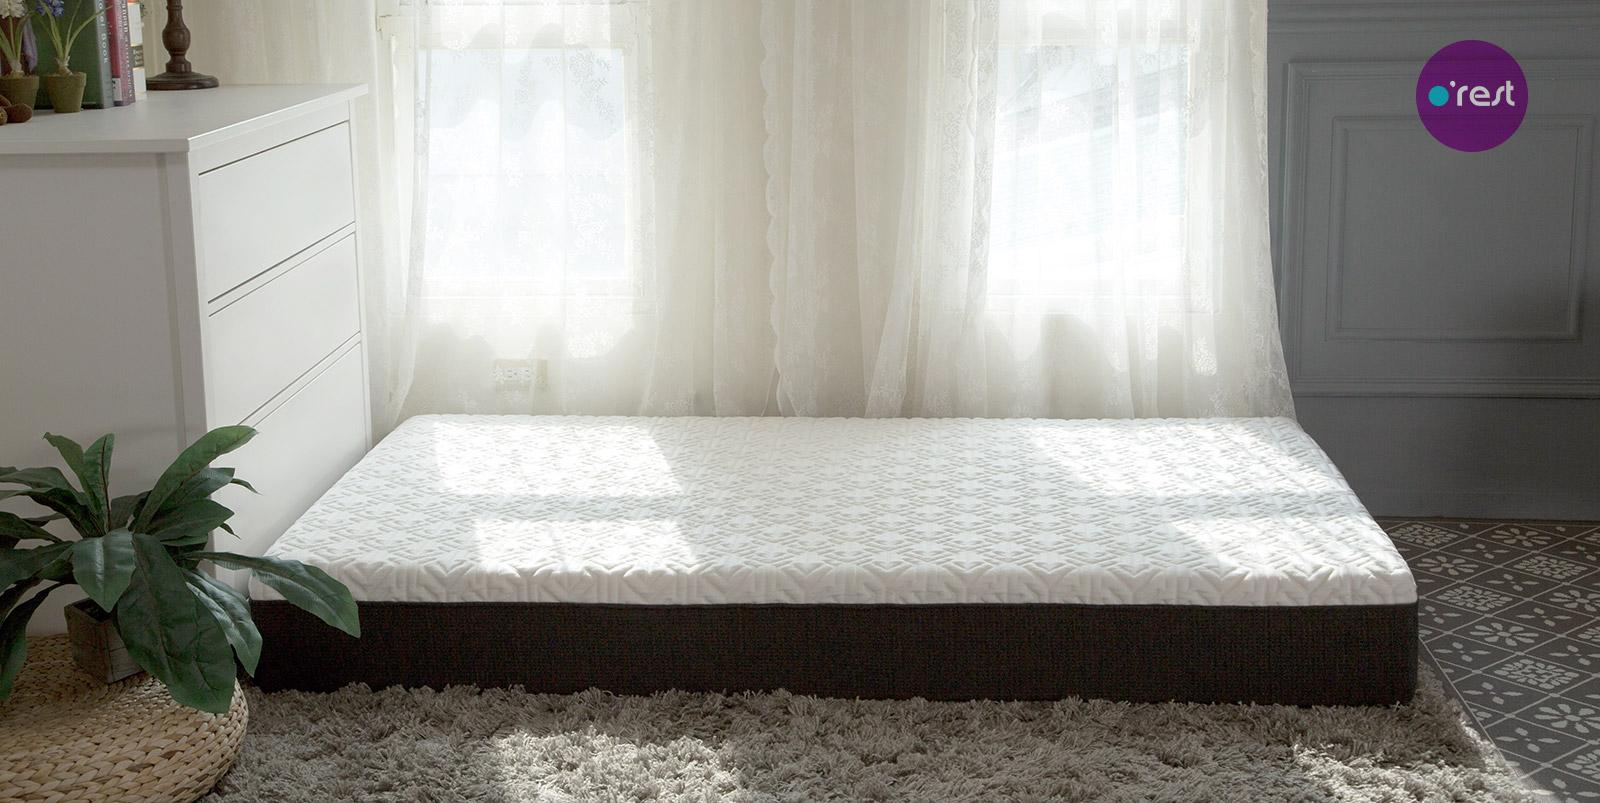 我們的床墊既舒適耐用又實惠,無論您的健康狀況如何,都應該睡個好覺。wave床墊能舒適的撐托人體5大舒適區(包括背部,臀部和肩膀)提供全身的支撐;均勻地分散身體的重量並釋放壓力,無論您是甚麼樣的睡姿都能享受無重力的睡眠。